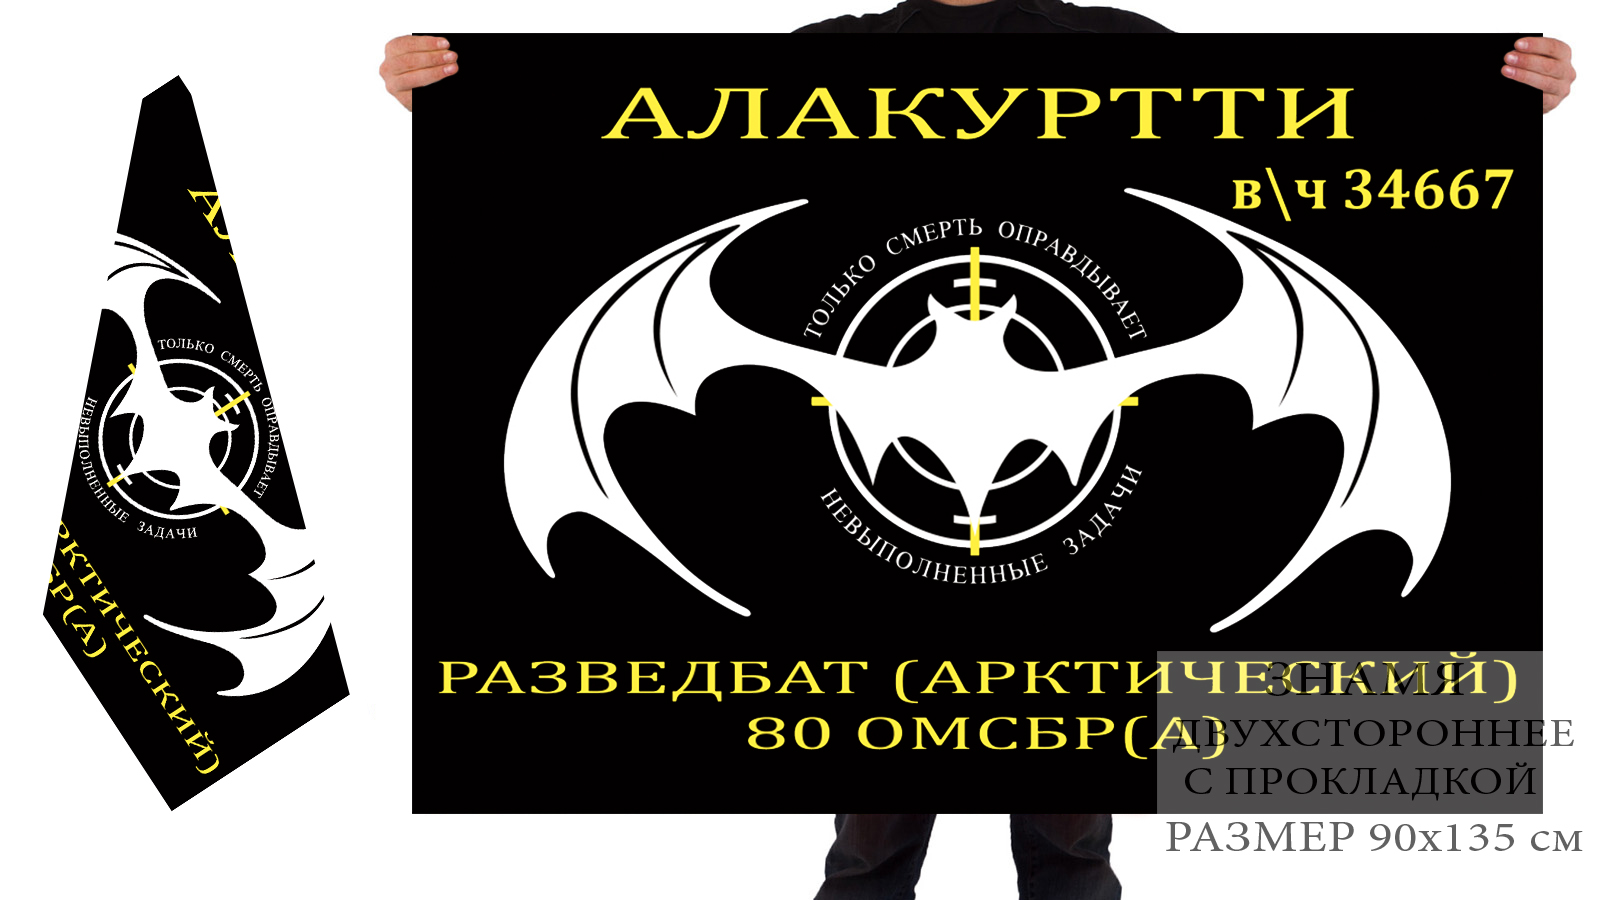 Двусторонний флаг разведбата Арктического 80 ОМСБР